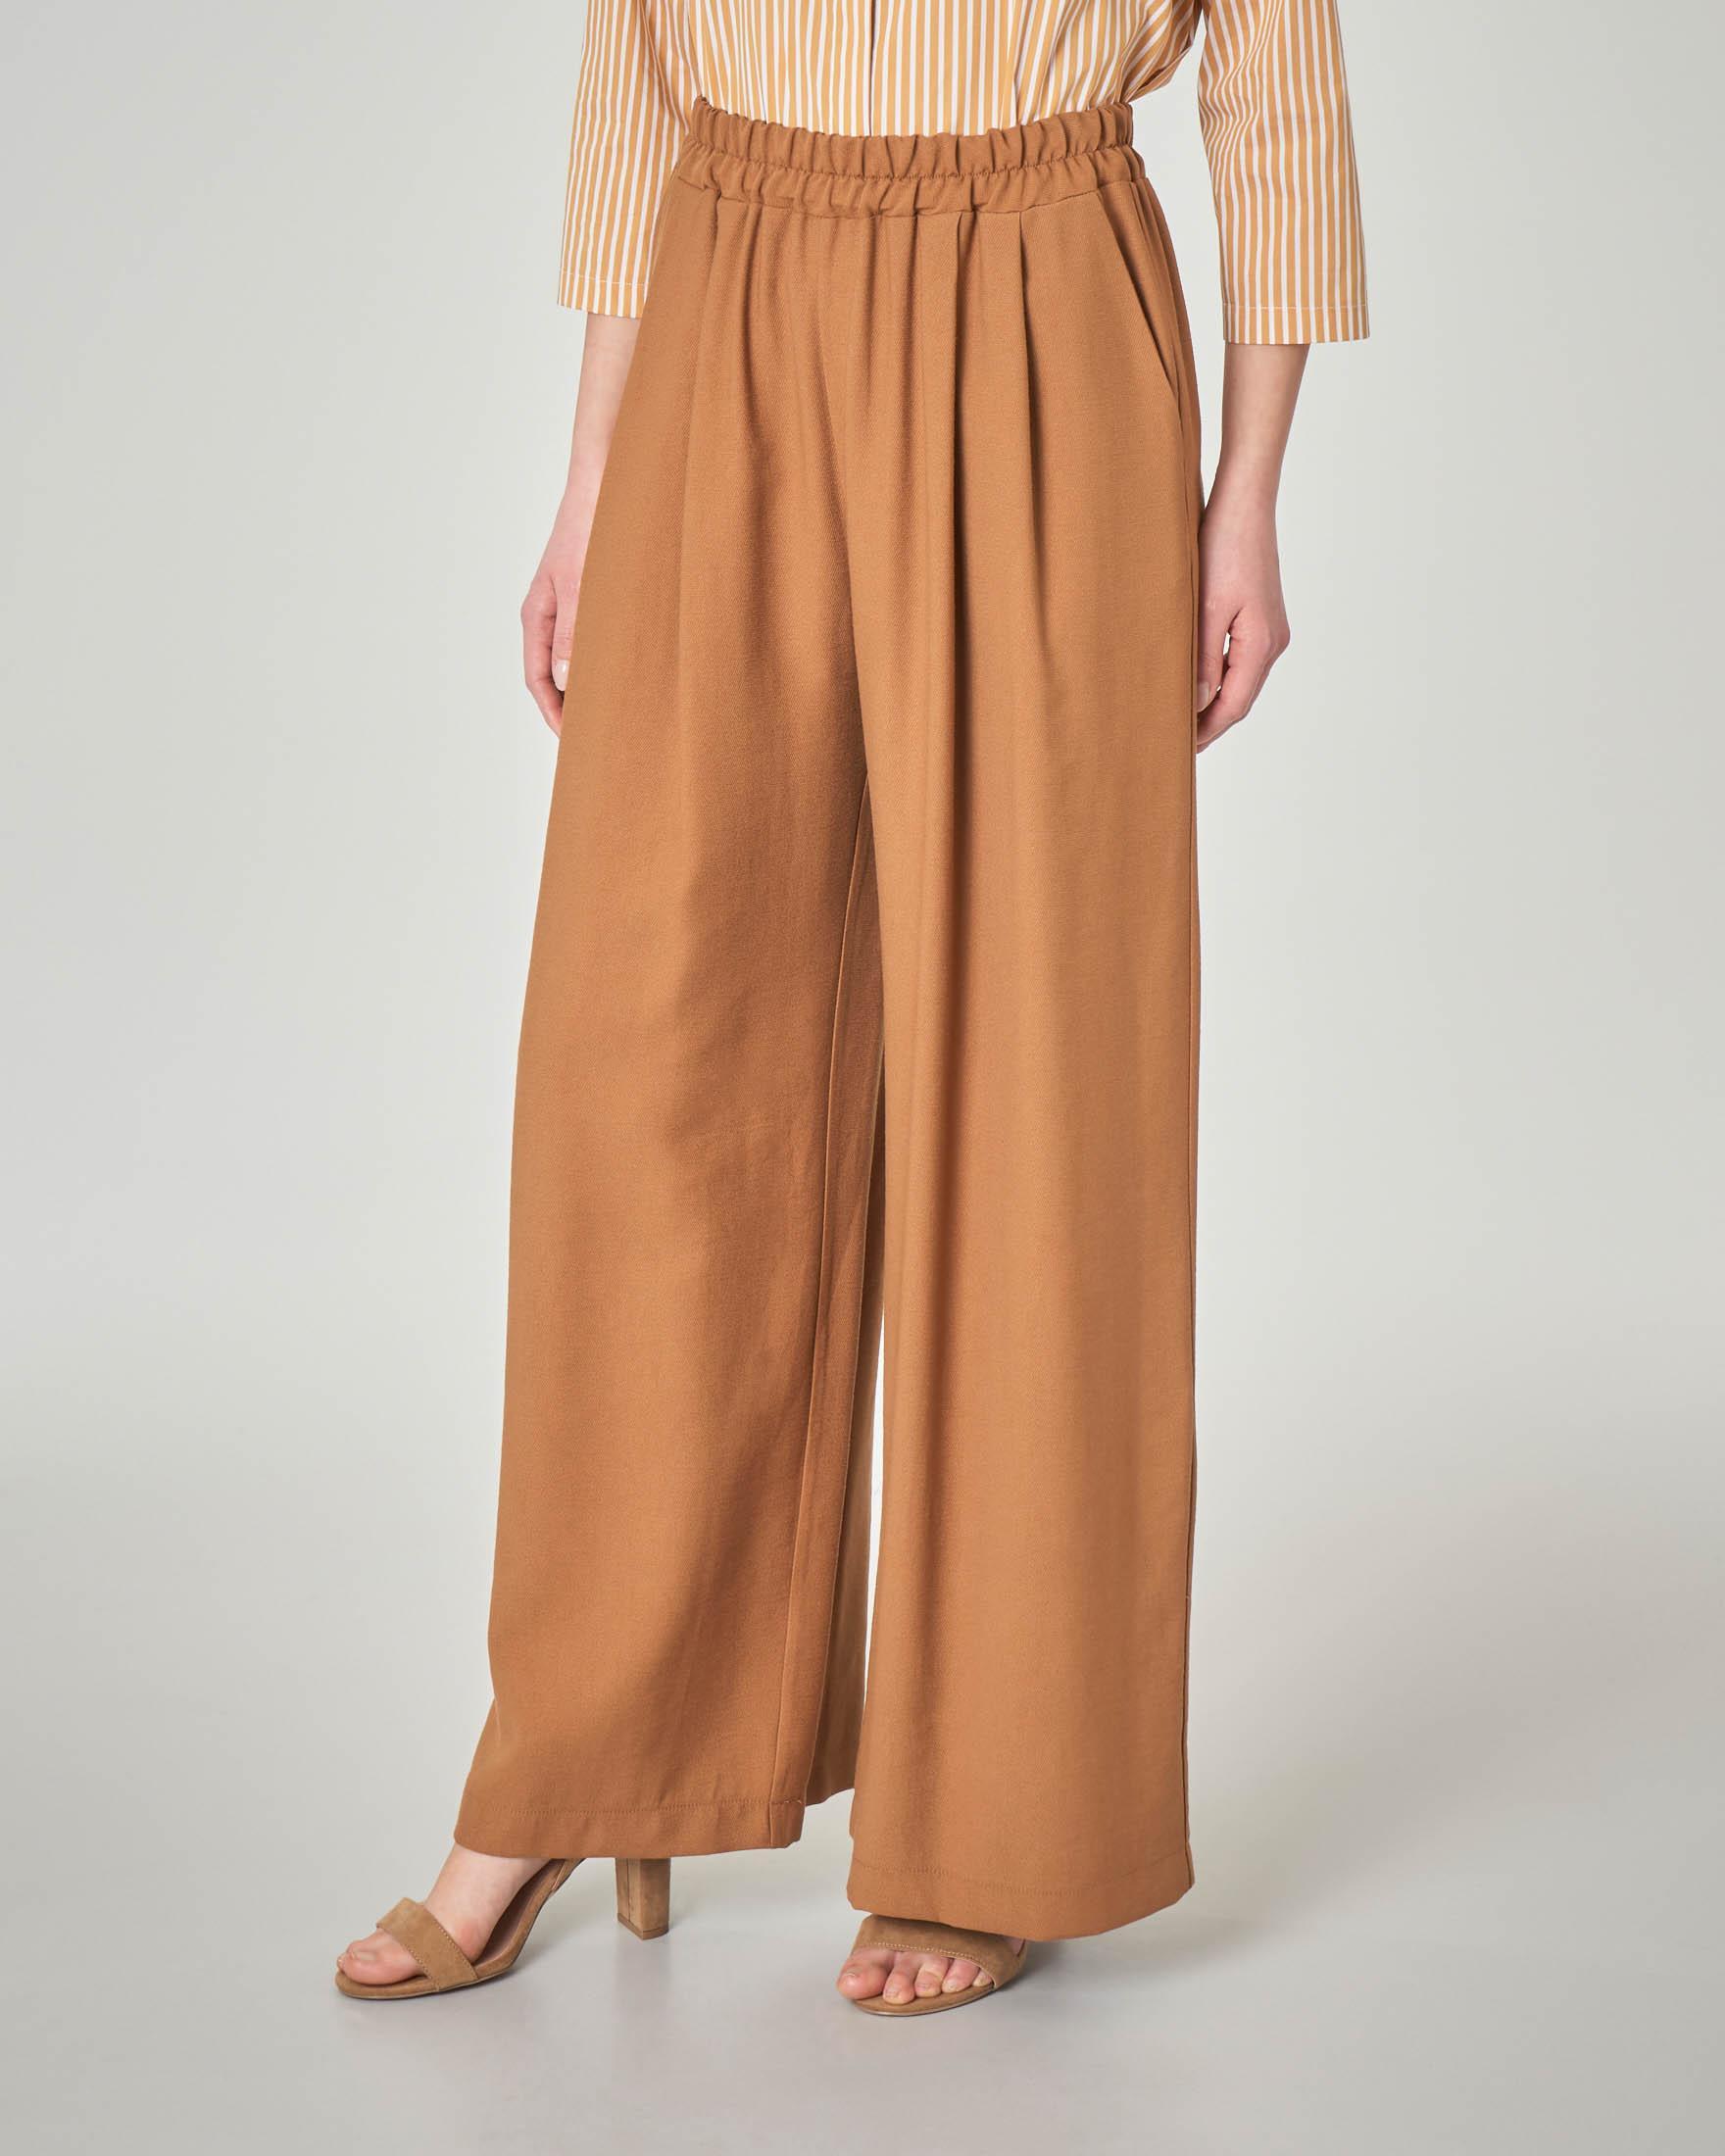 Pantaloni palazzo color coccio in misto viscosa con elastico in vita